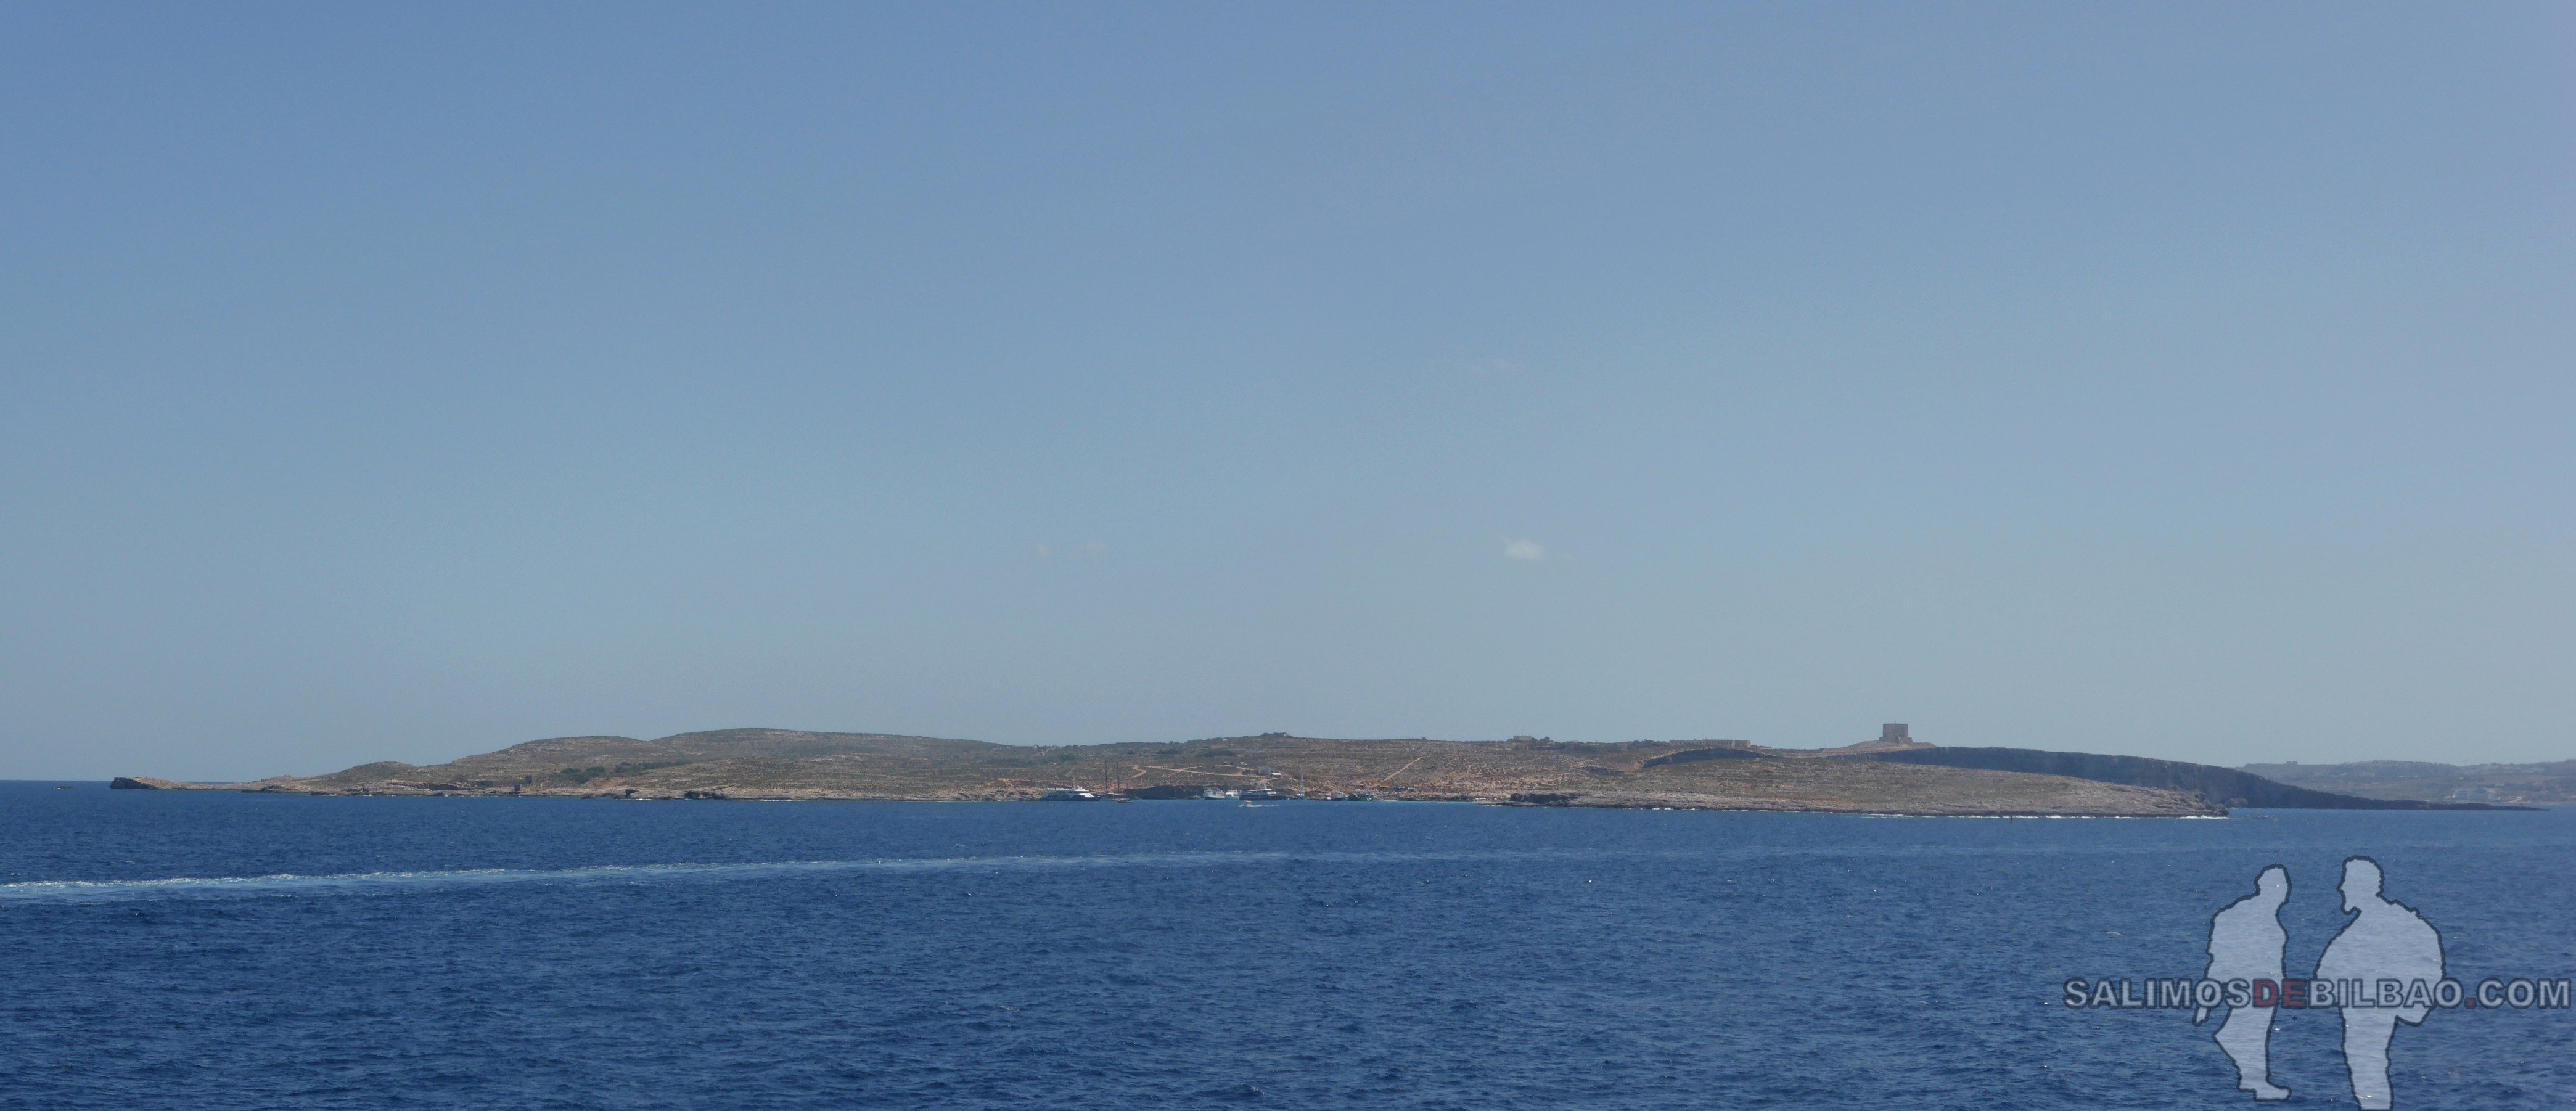 0609. Pano, Isla de Comino, Ferry de Gozo a Malta